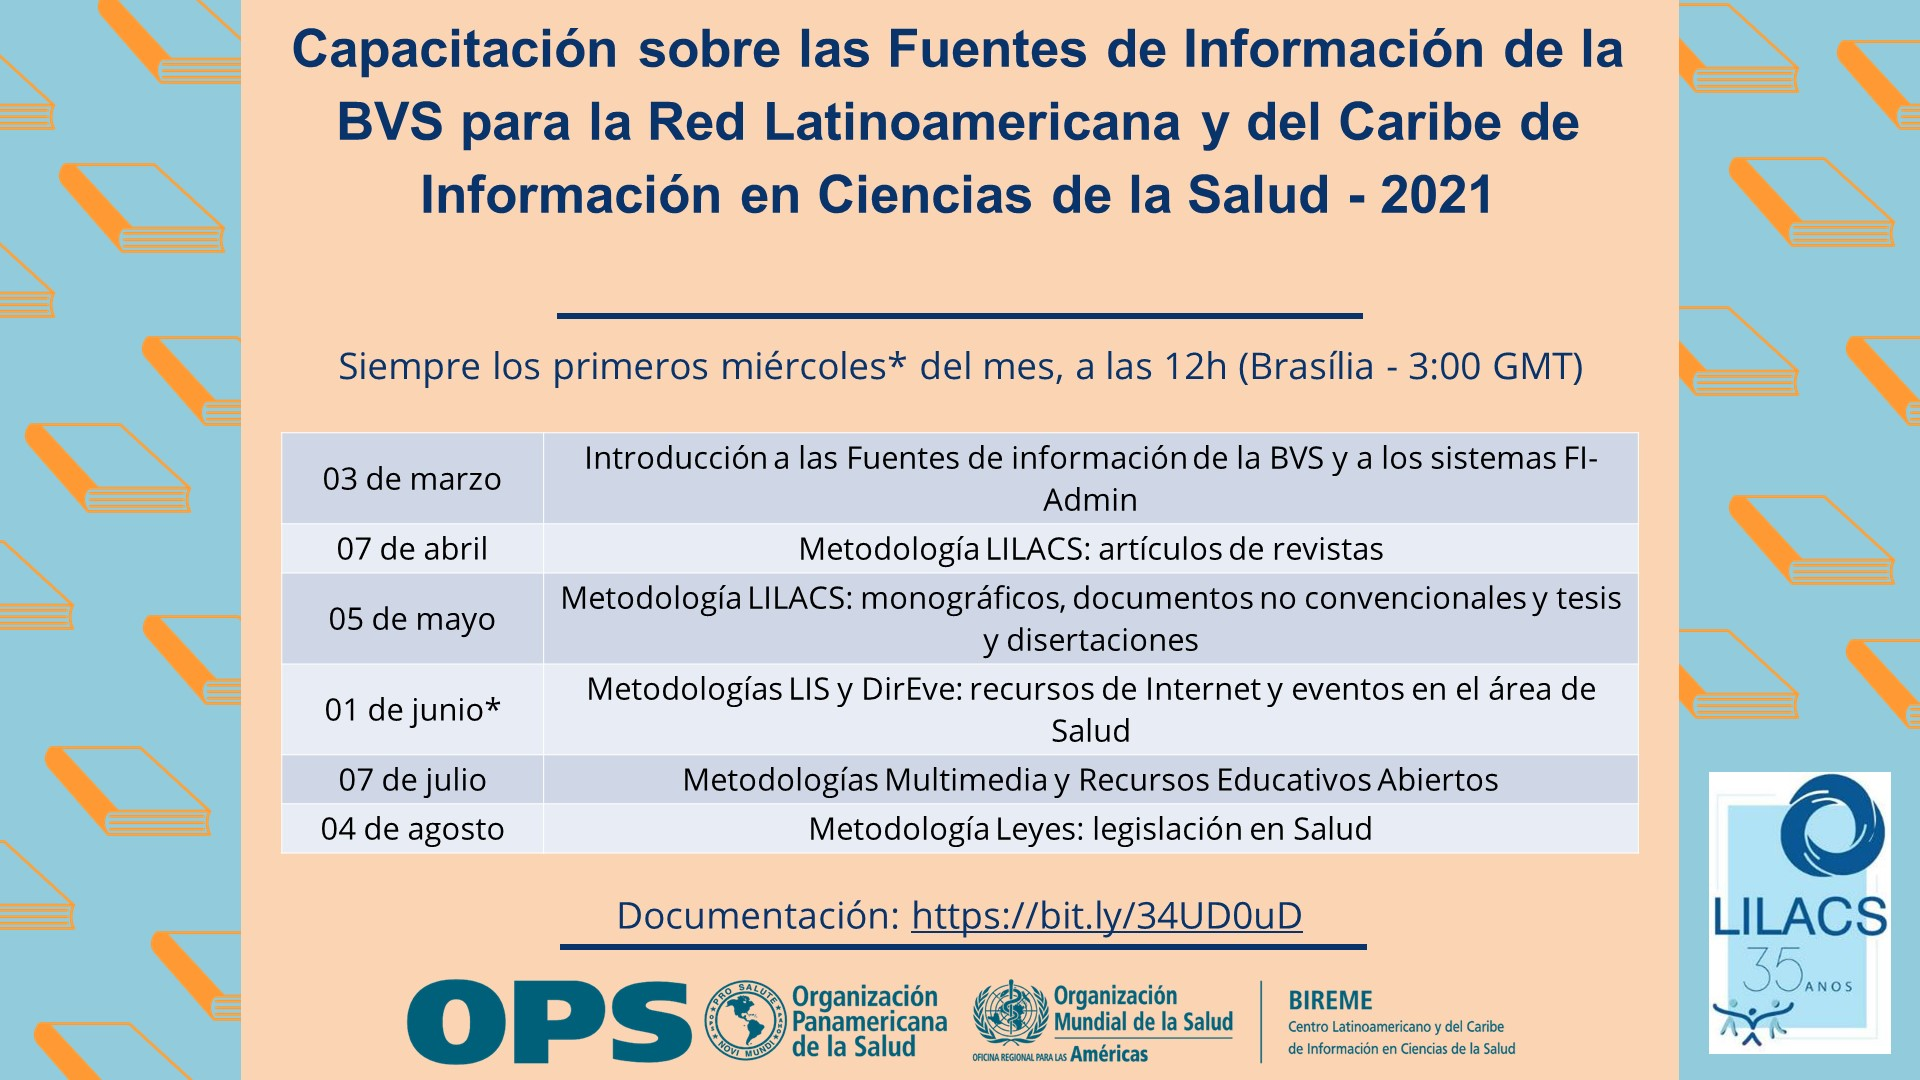 Capacitación sobre las Metodologías de las Fuentes de Información de la BVS y FI-Admin 2021